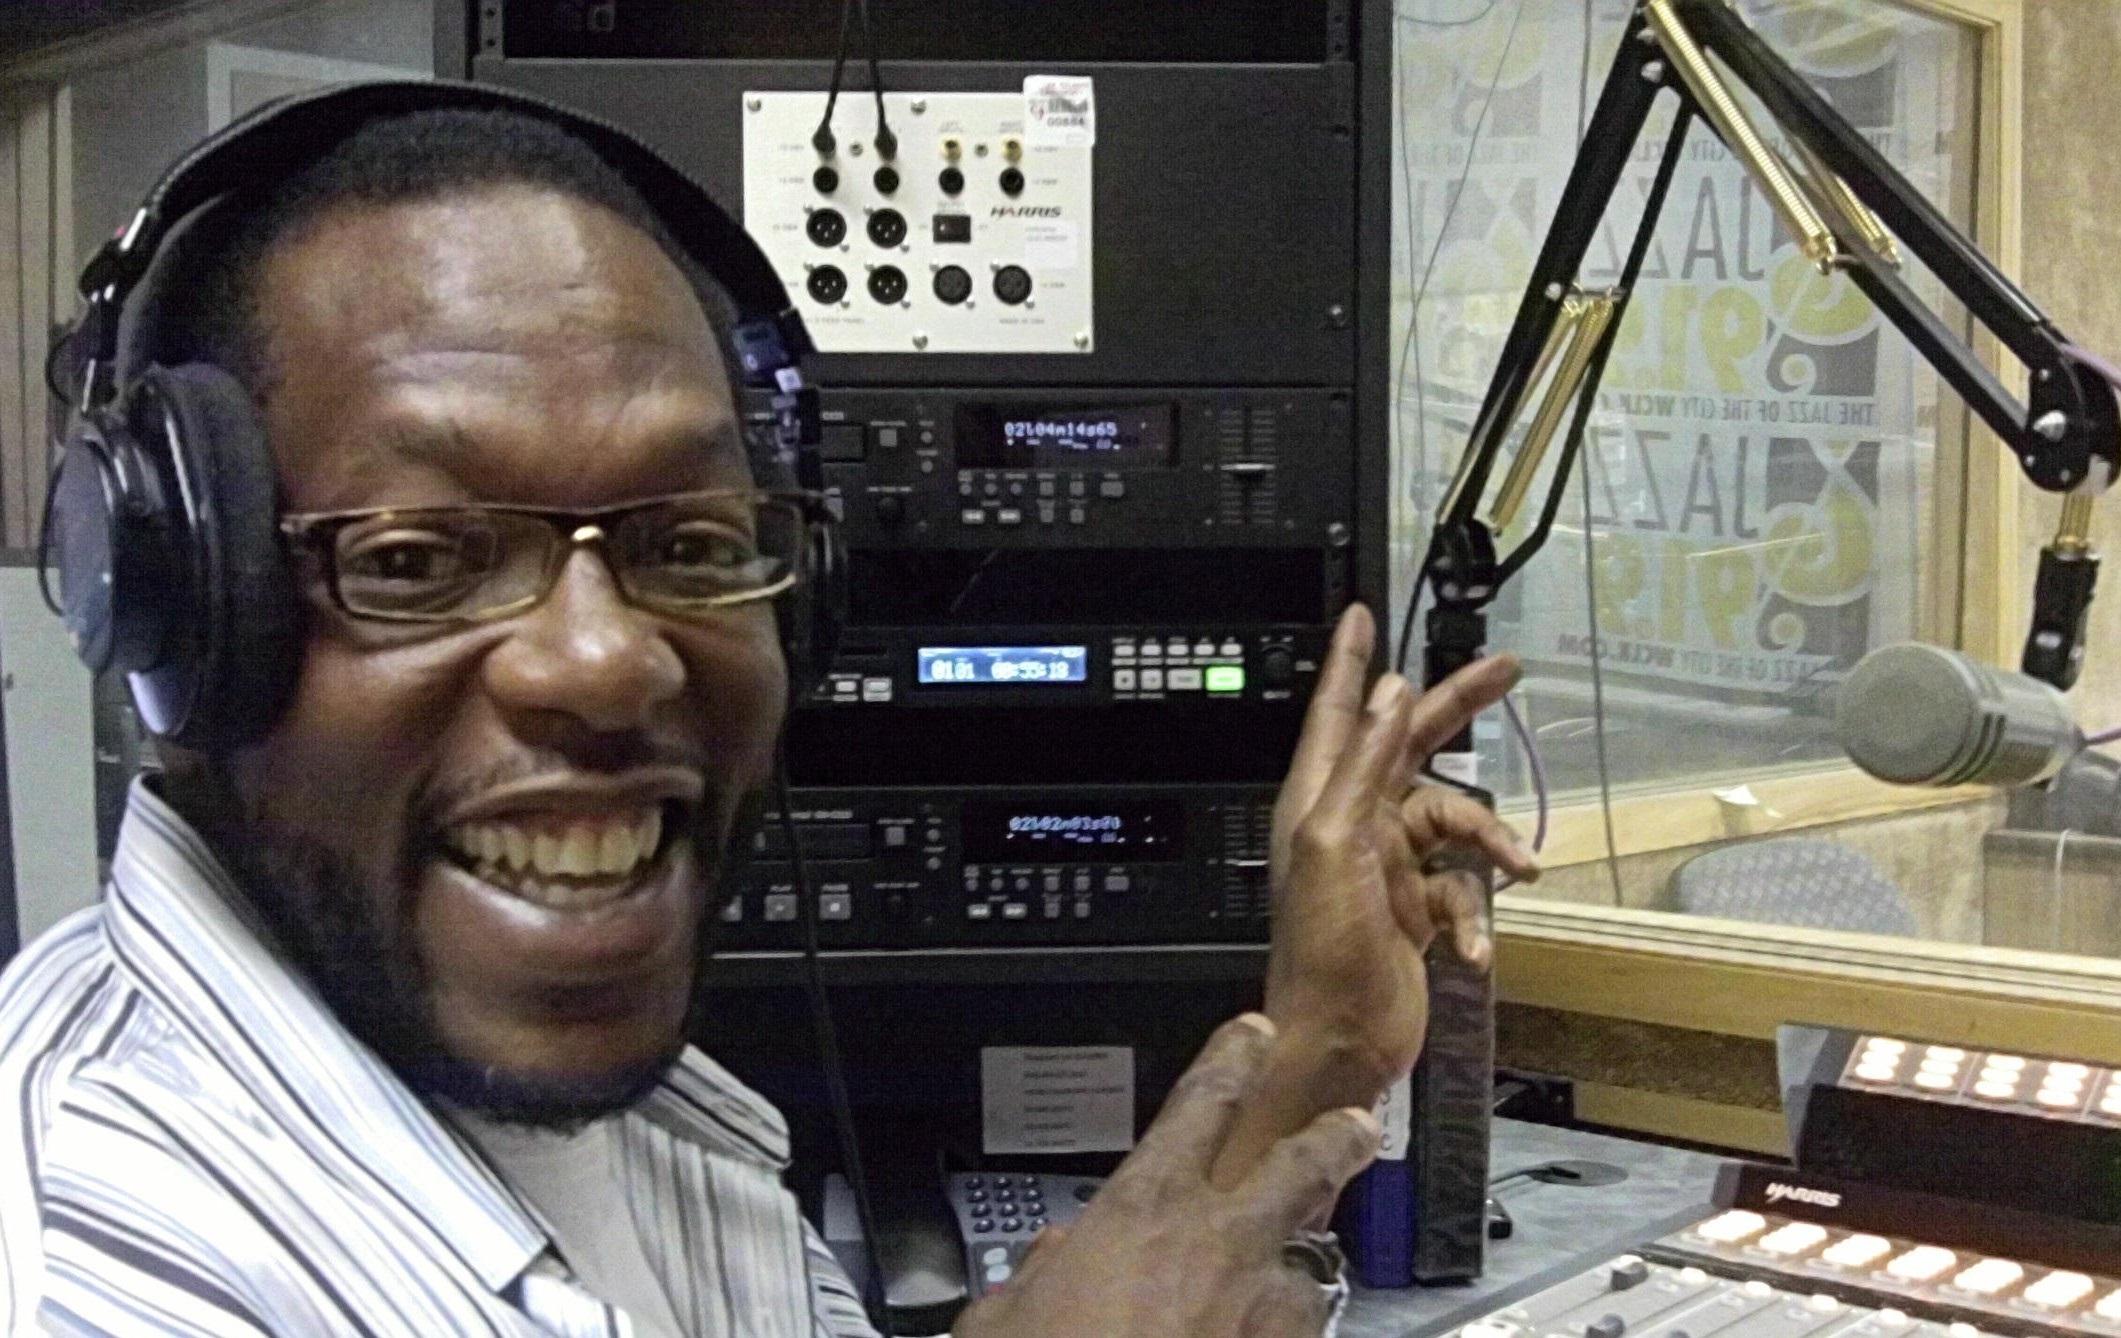 Morris Baxter, on-air personality at WCLK, Atlanta